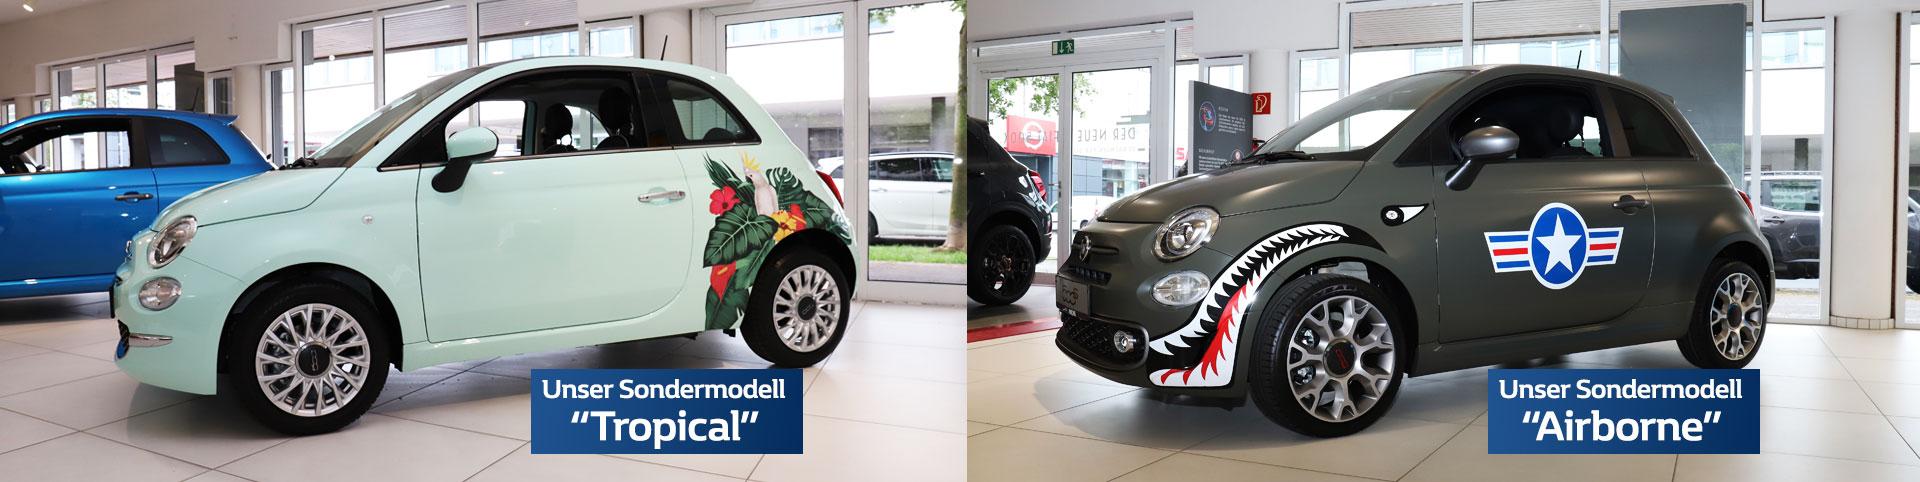 Fiat 500 Sondermodelle Tropical und Airborne